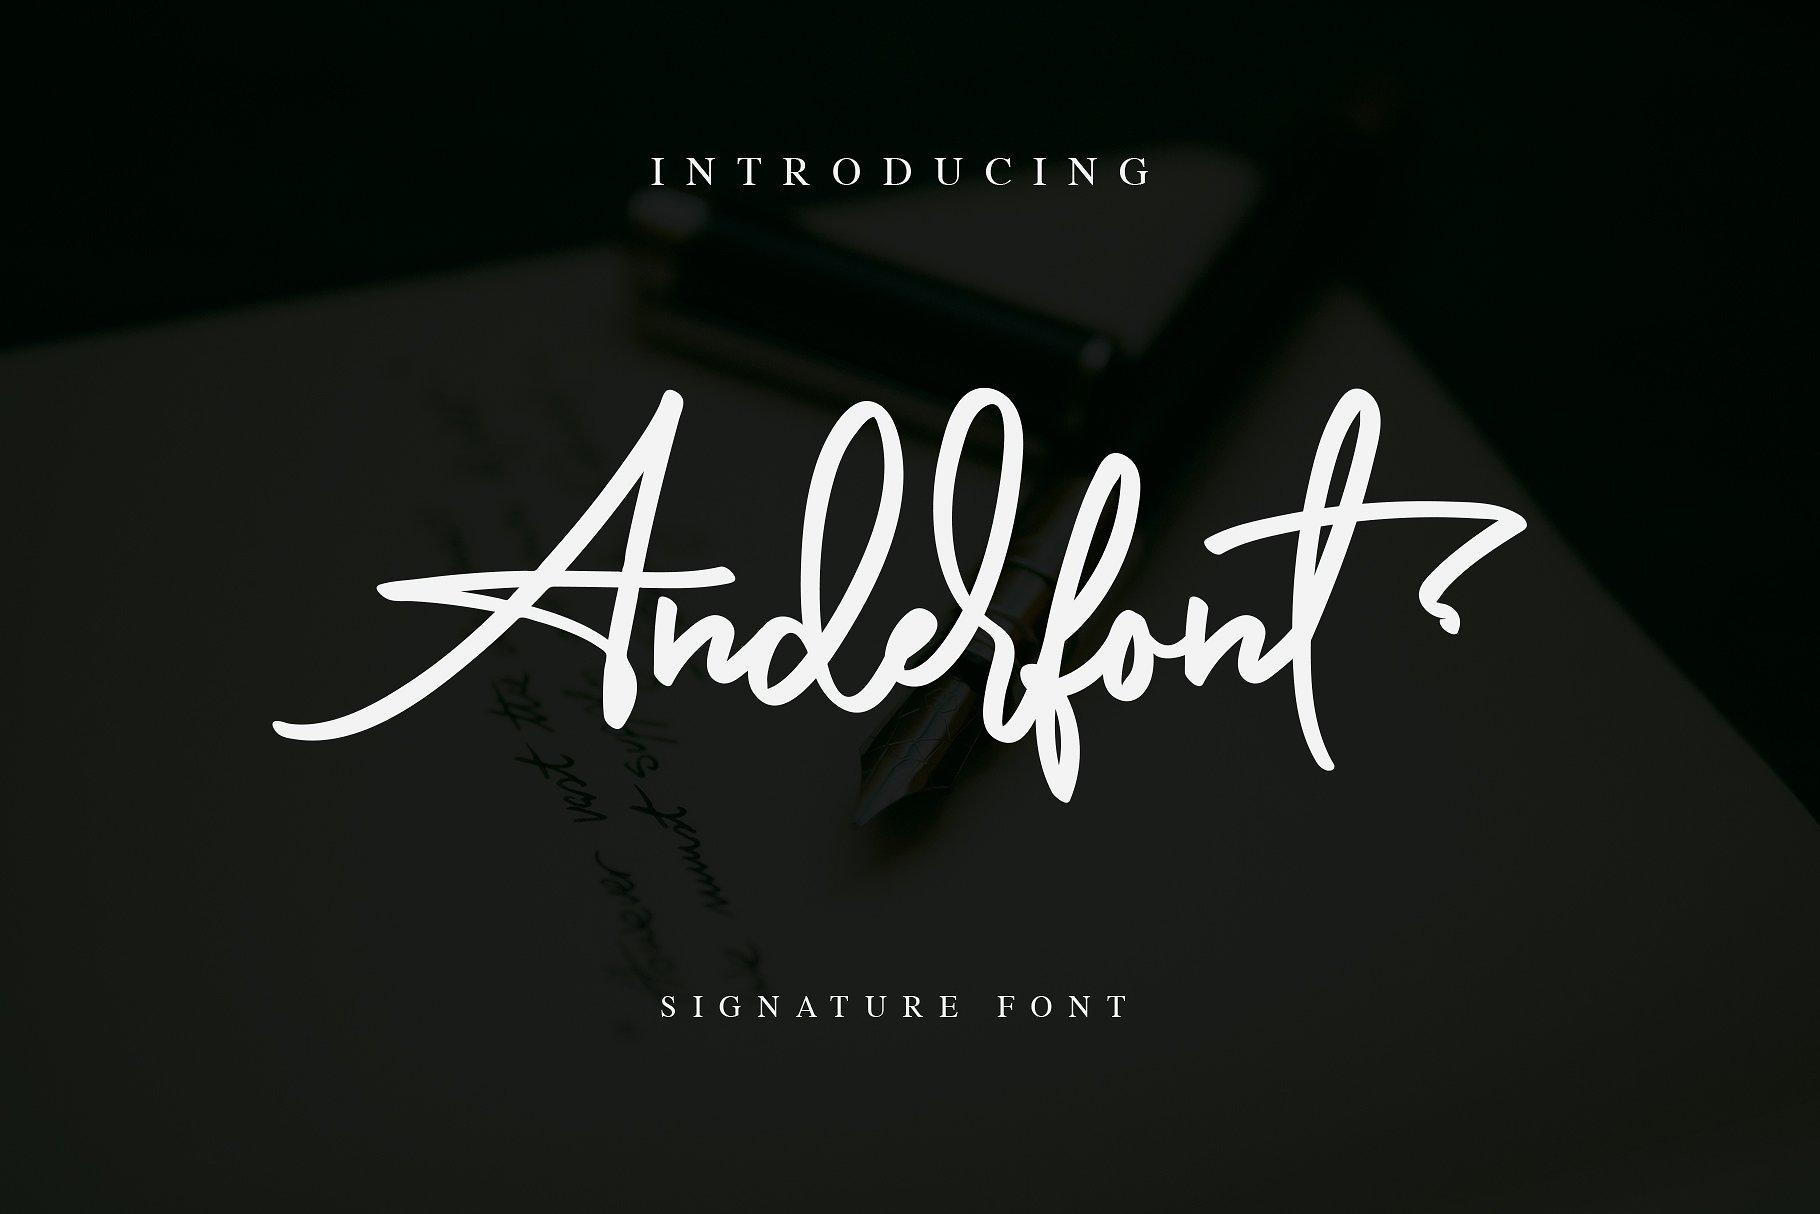 Download Anderfont Signature Font - Befonts.com